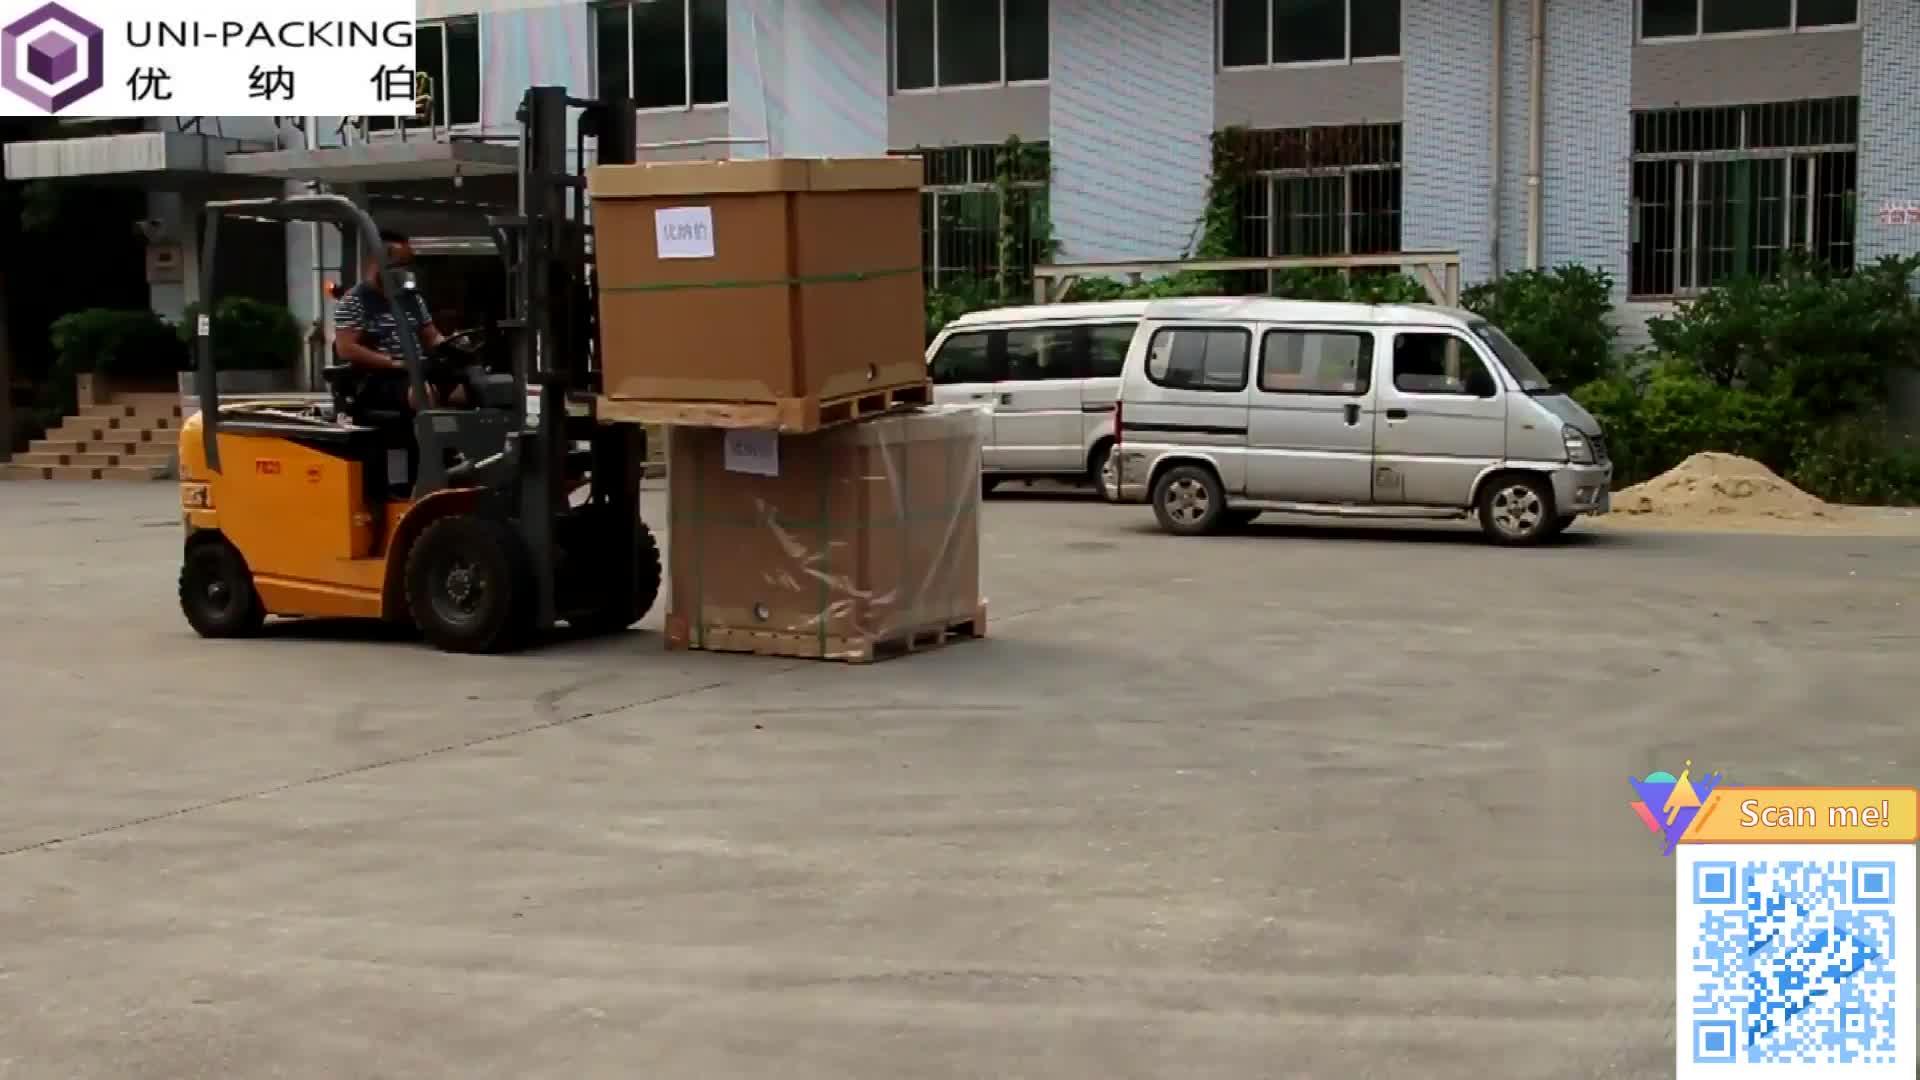 भारी शुल्क गत्ता बढ़ते बॉक्स चिपकने वाला पैकेजिंग के लिए नालीदार कागज लाइनर के साथ IBC